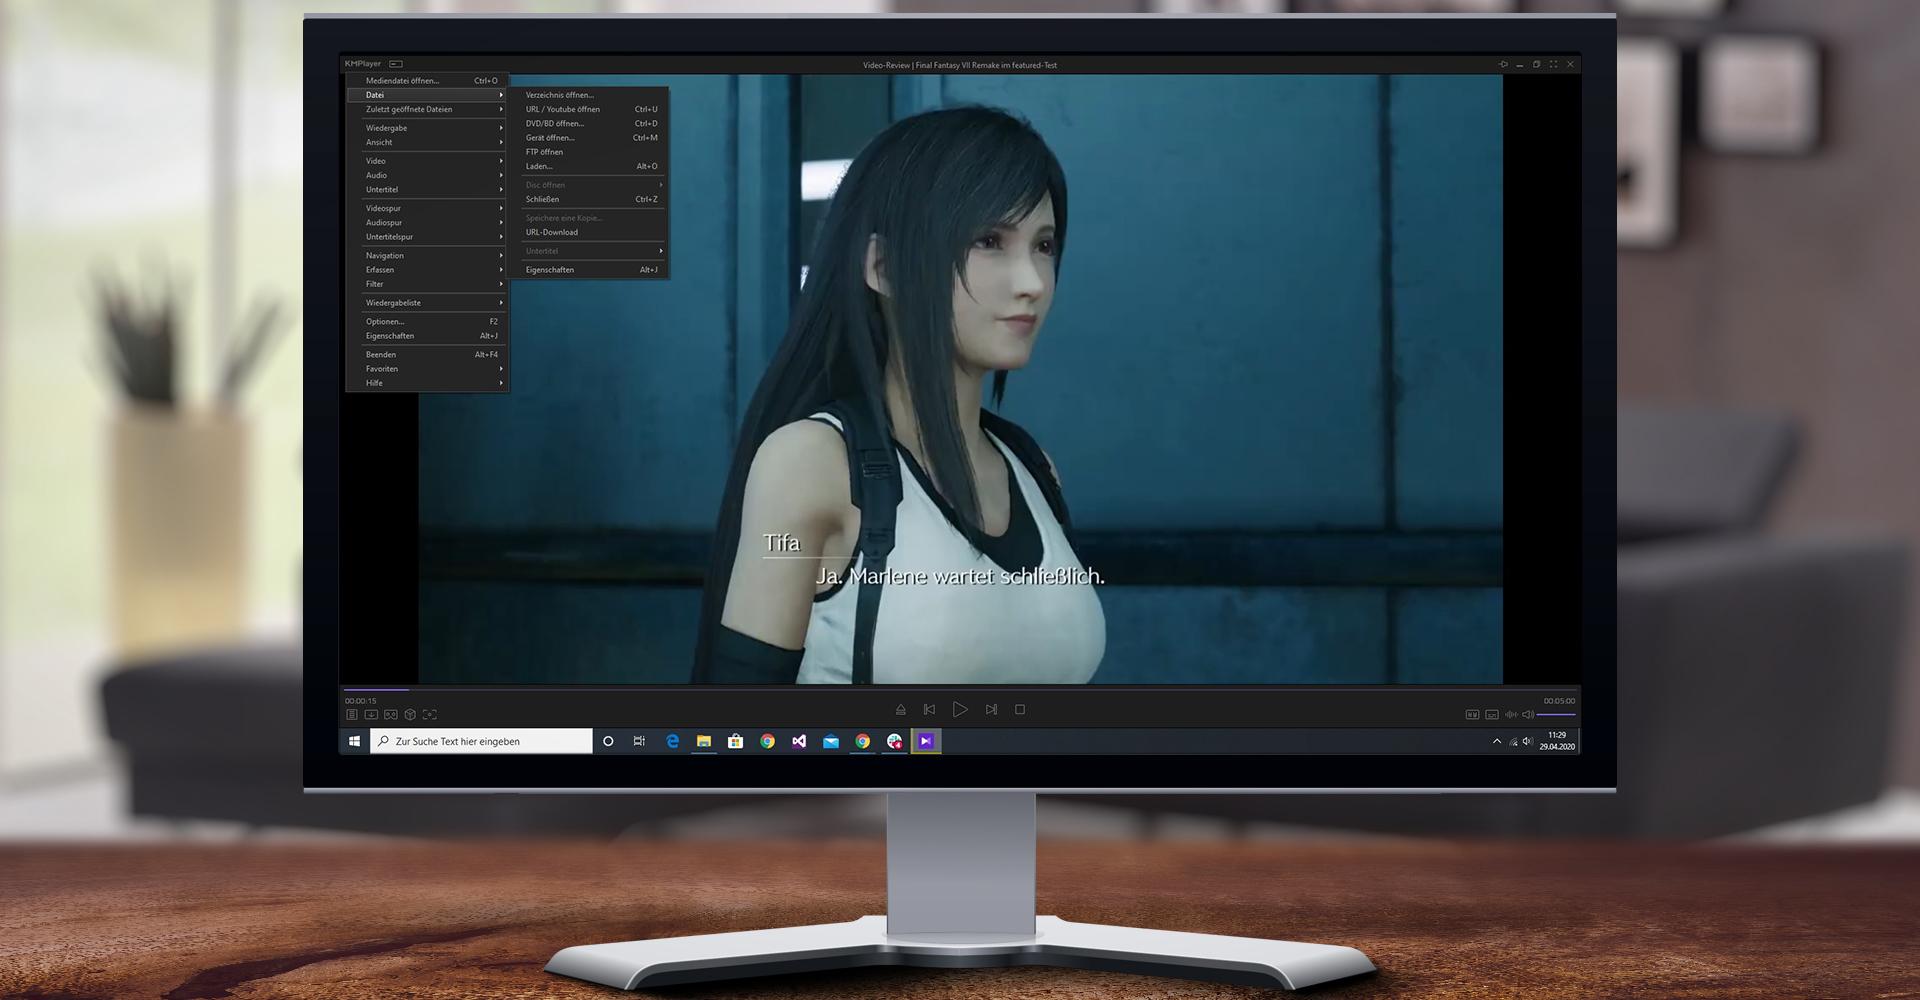 KMPlayer 64X gibt unter Windows 10 Youtube-Video wieder und zeigt Wiedergabe-Menü